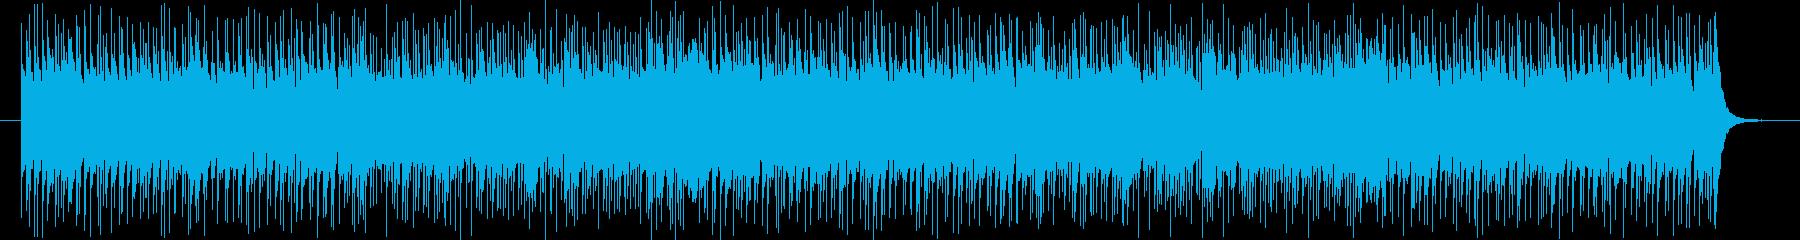 ロック 楽しげ バックグラウンド ...の再生済みの波形